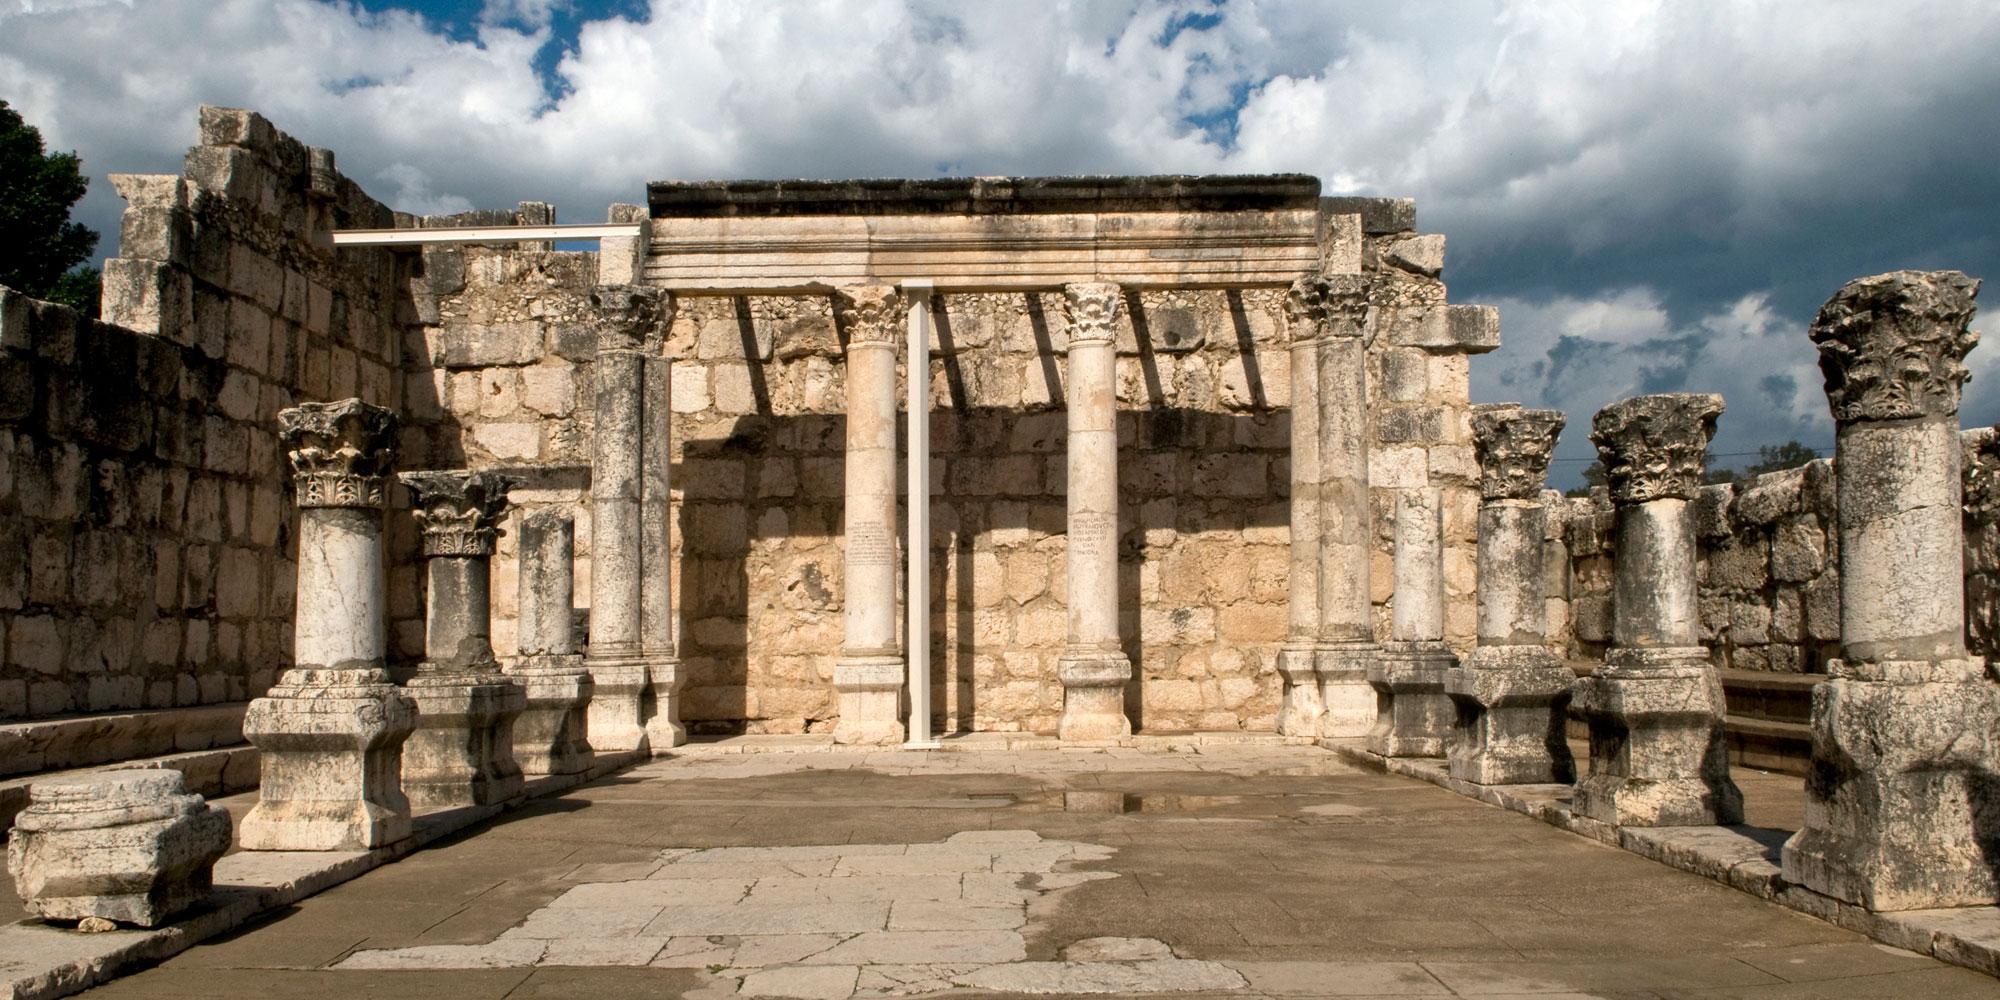 上图:4世纪迦百农会堂遗址。